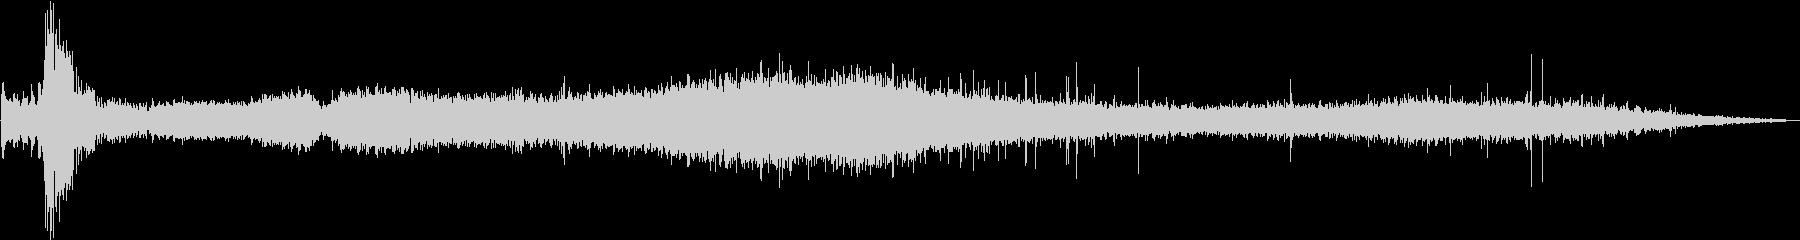 シボレーカマロ:ガレージの内線:ガ...の未再生の波形